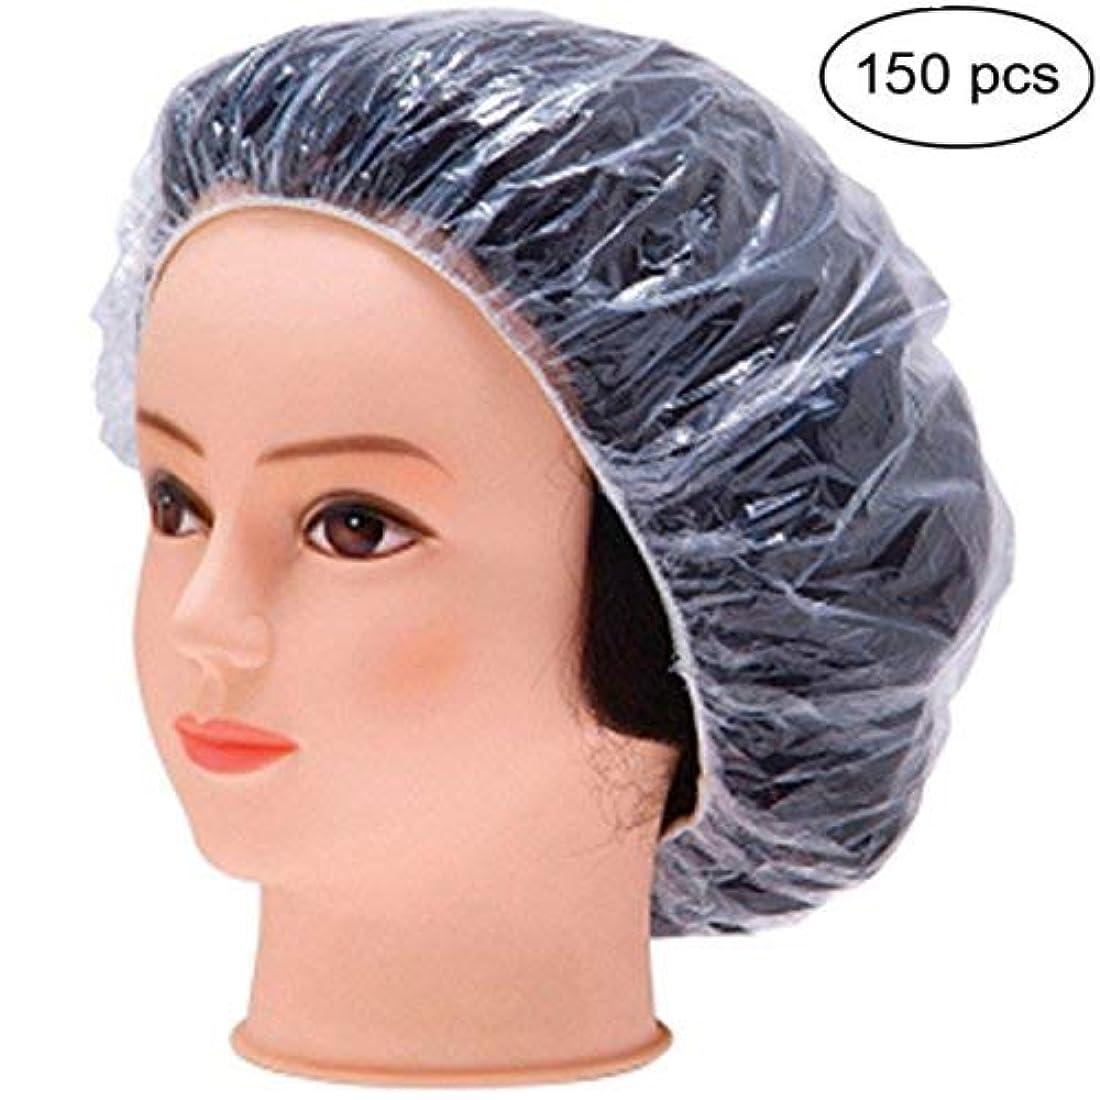 使い捨て シャワーキャップ 150枚入り プロワーク ヘアキャップ 防水透明プラスチック製シャワーキャップ 、弾性の水浴帽子、加工帽子、女性の美容帽ダストハットスパ、ヘアサロン、ホームユースホテル等で使用